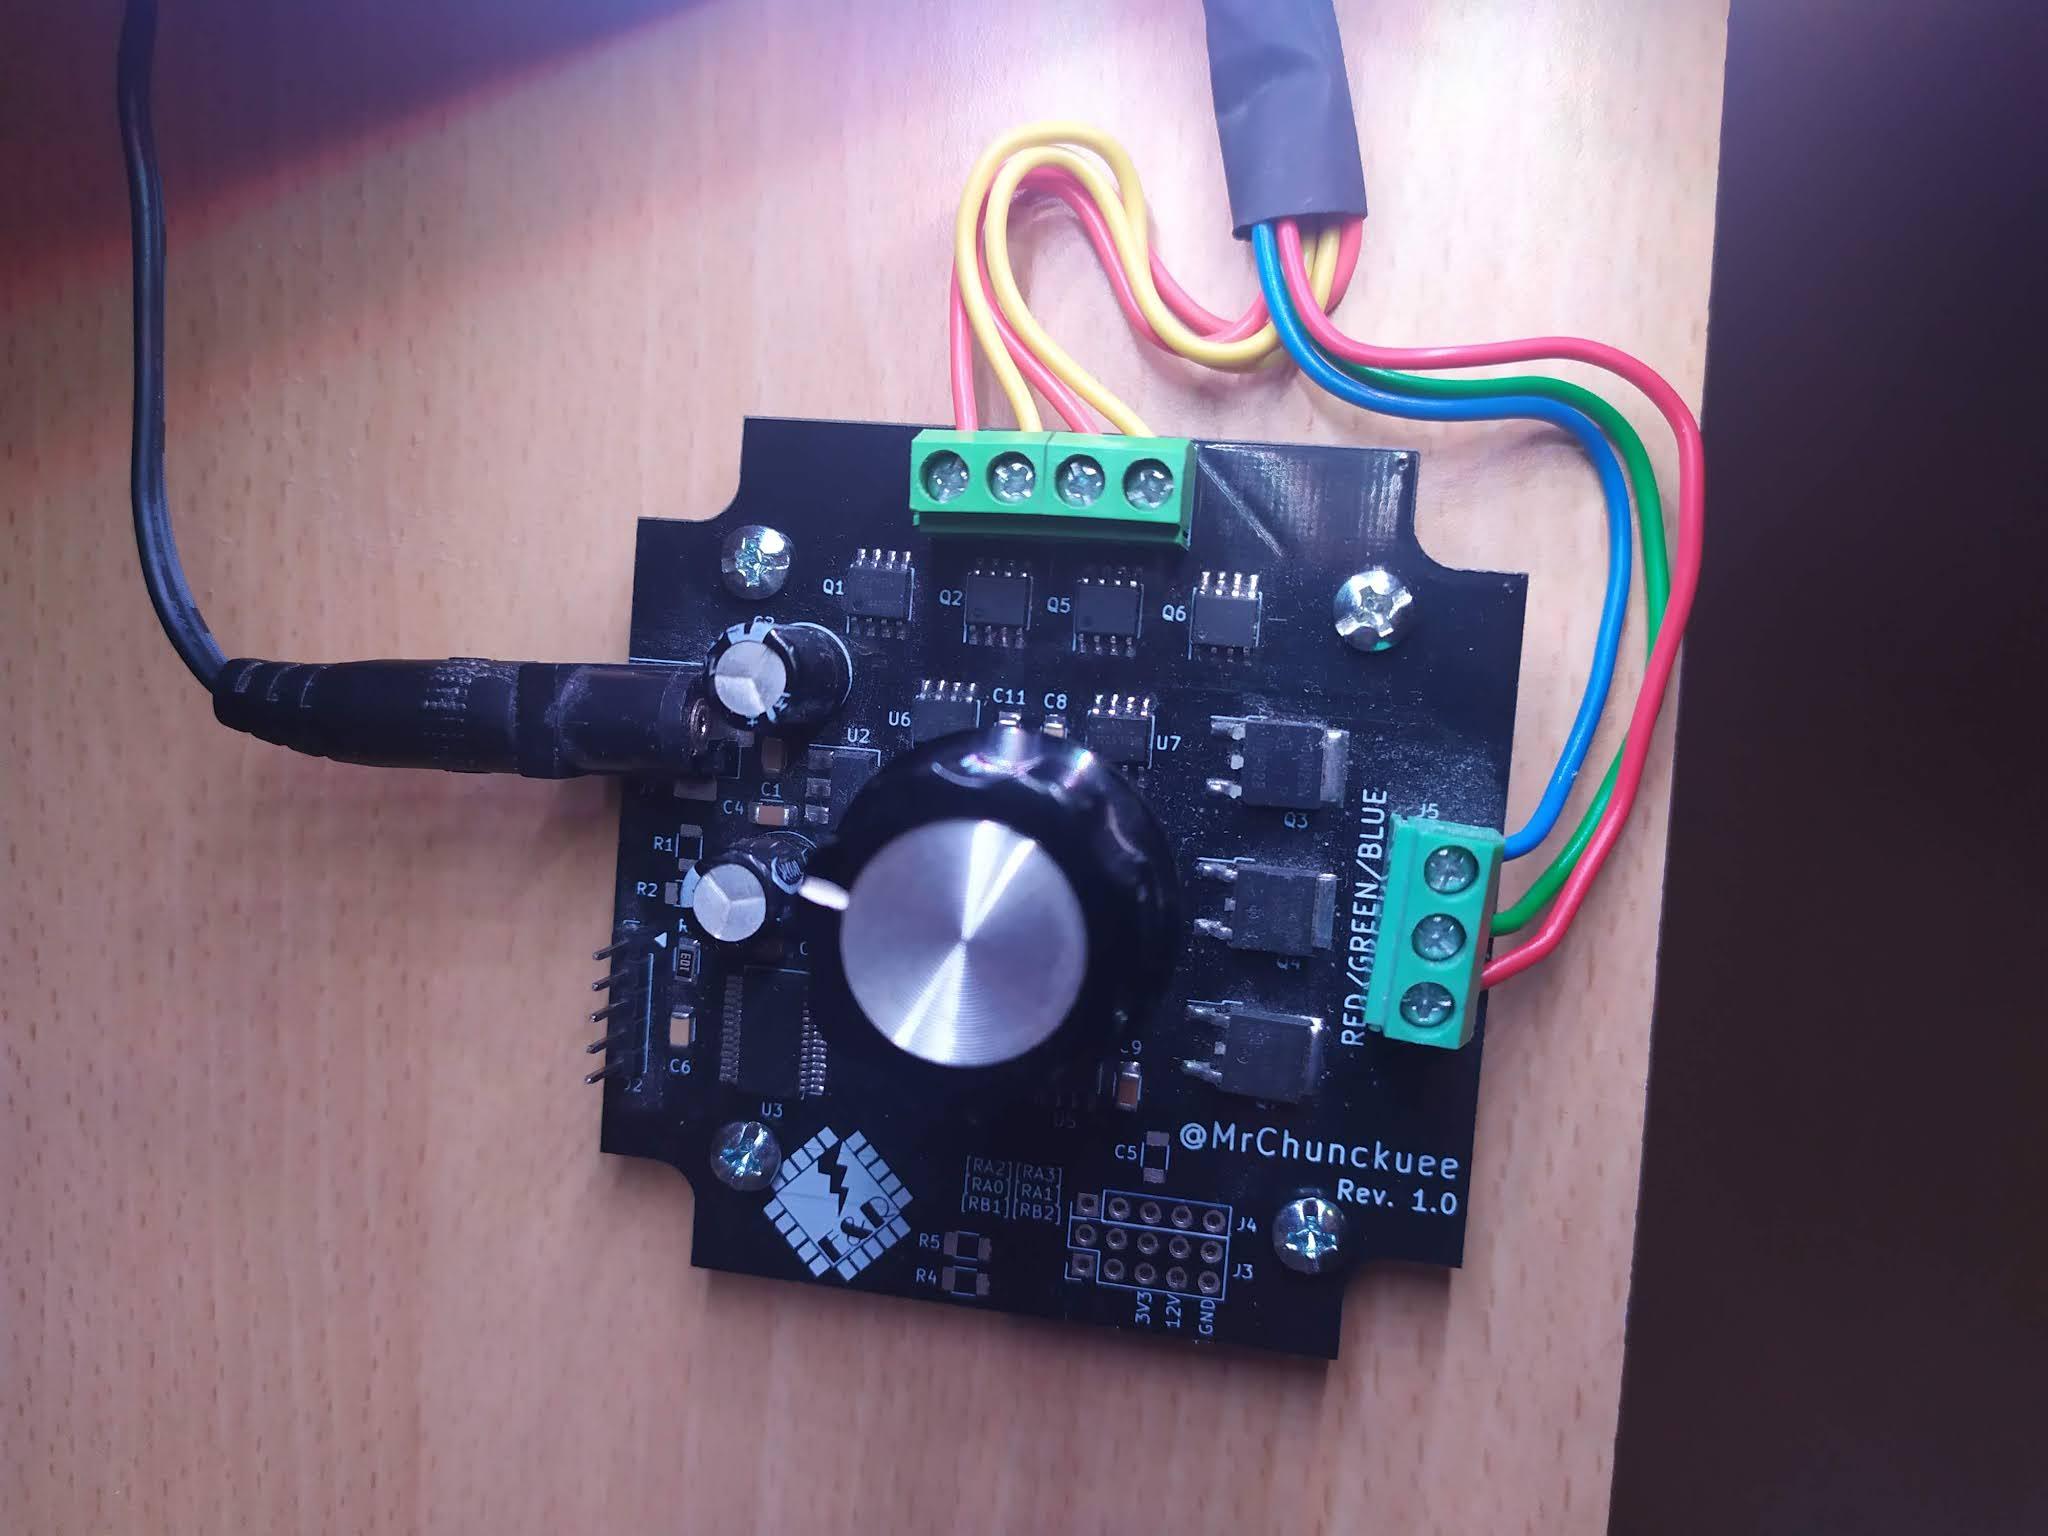 Iluminación de escritorio: Actualización del firmware a v1.0.1 y fijación de controladora.